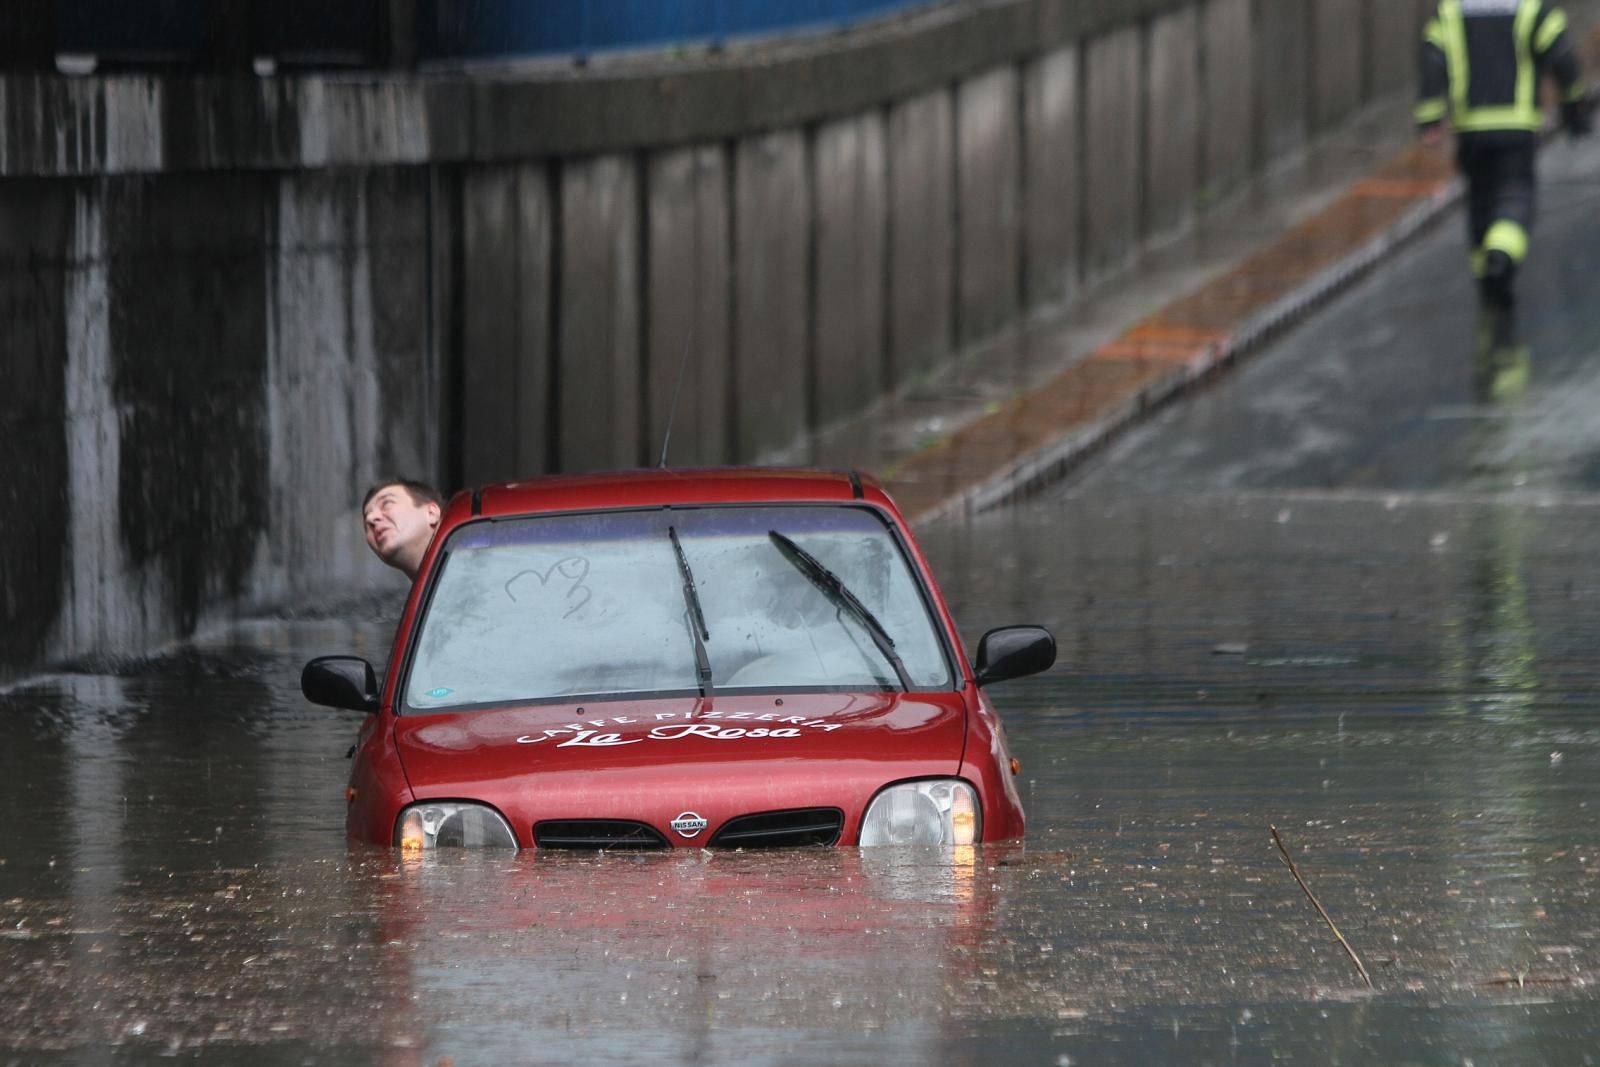 Pet koraka: Što učiniti kada vam obilne kiše poplave auto?